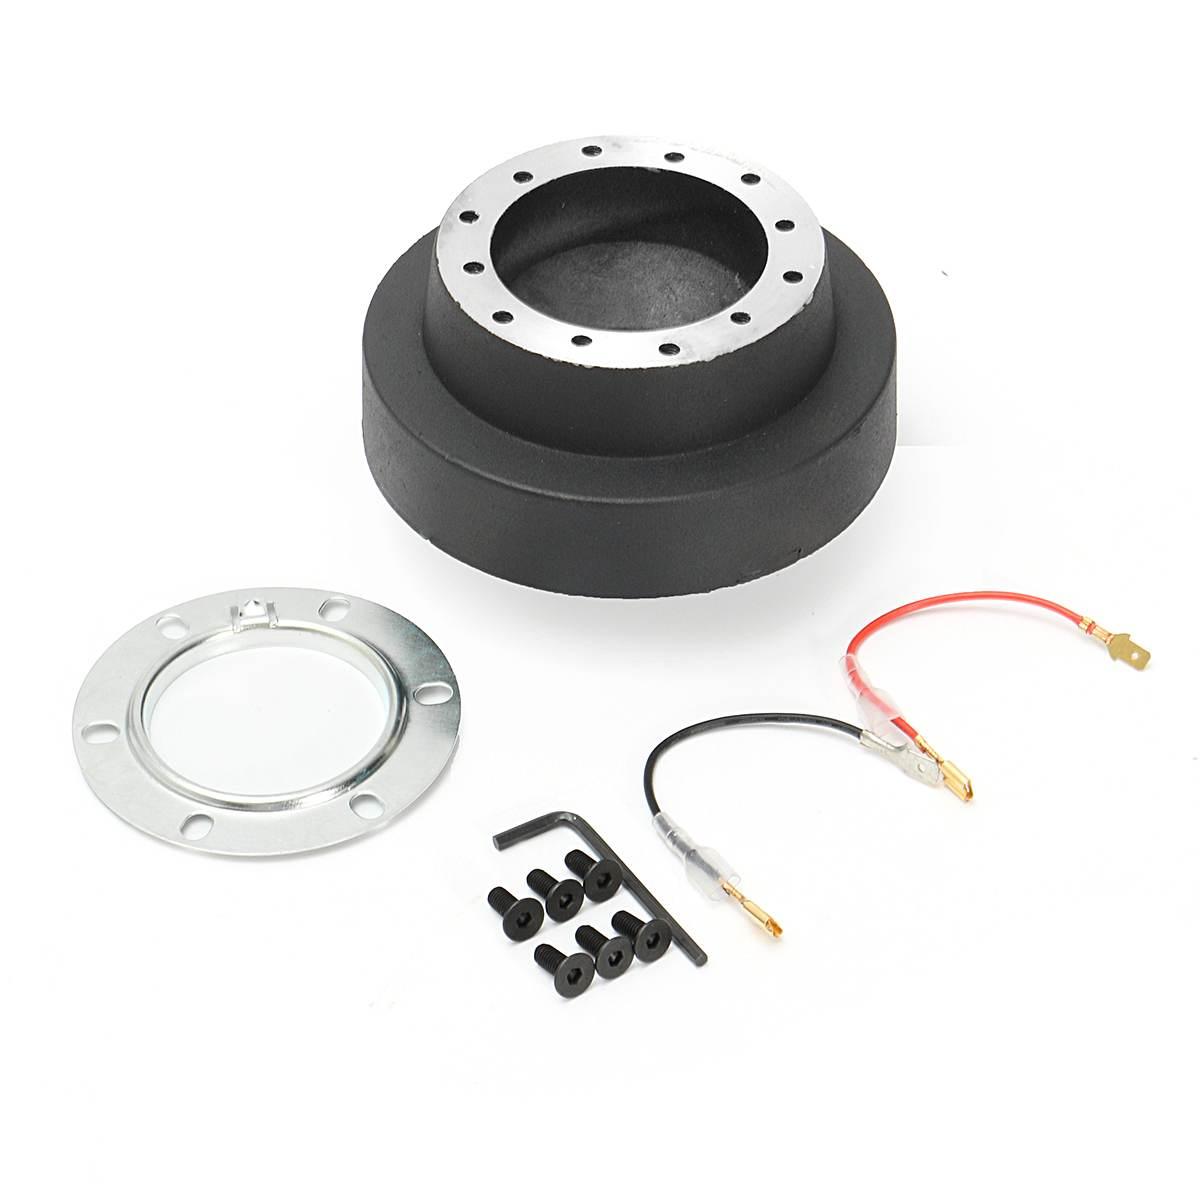 20mm adaptador de cubo de volante Snap Off Boss Kit de liberación rápida Set para BMW E46 OMP accesorios de coche